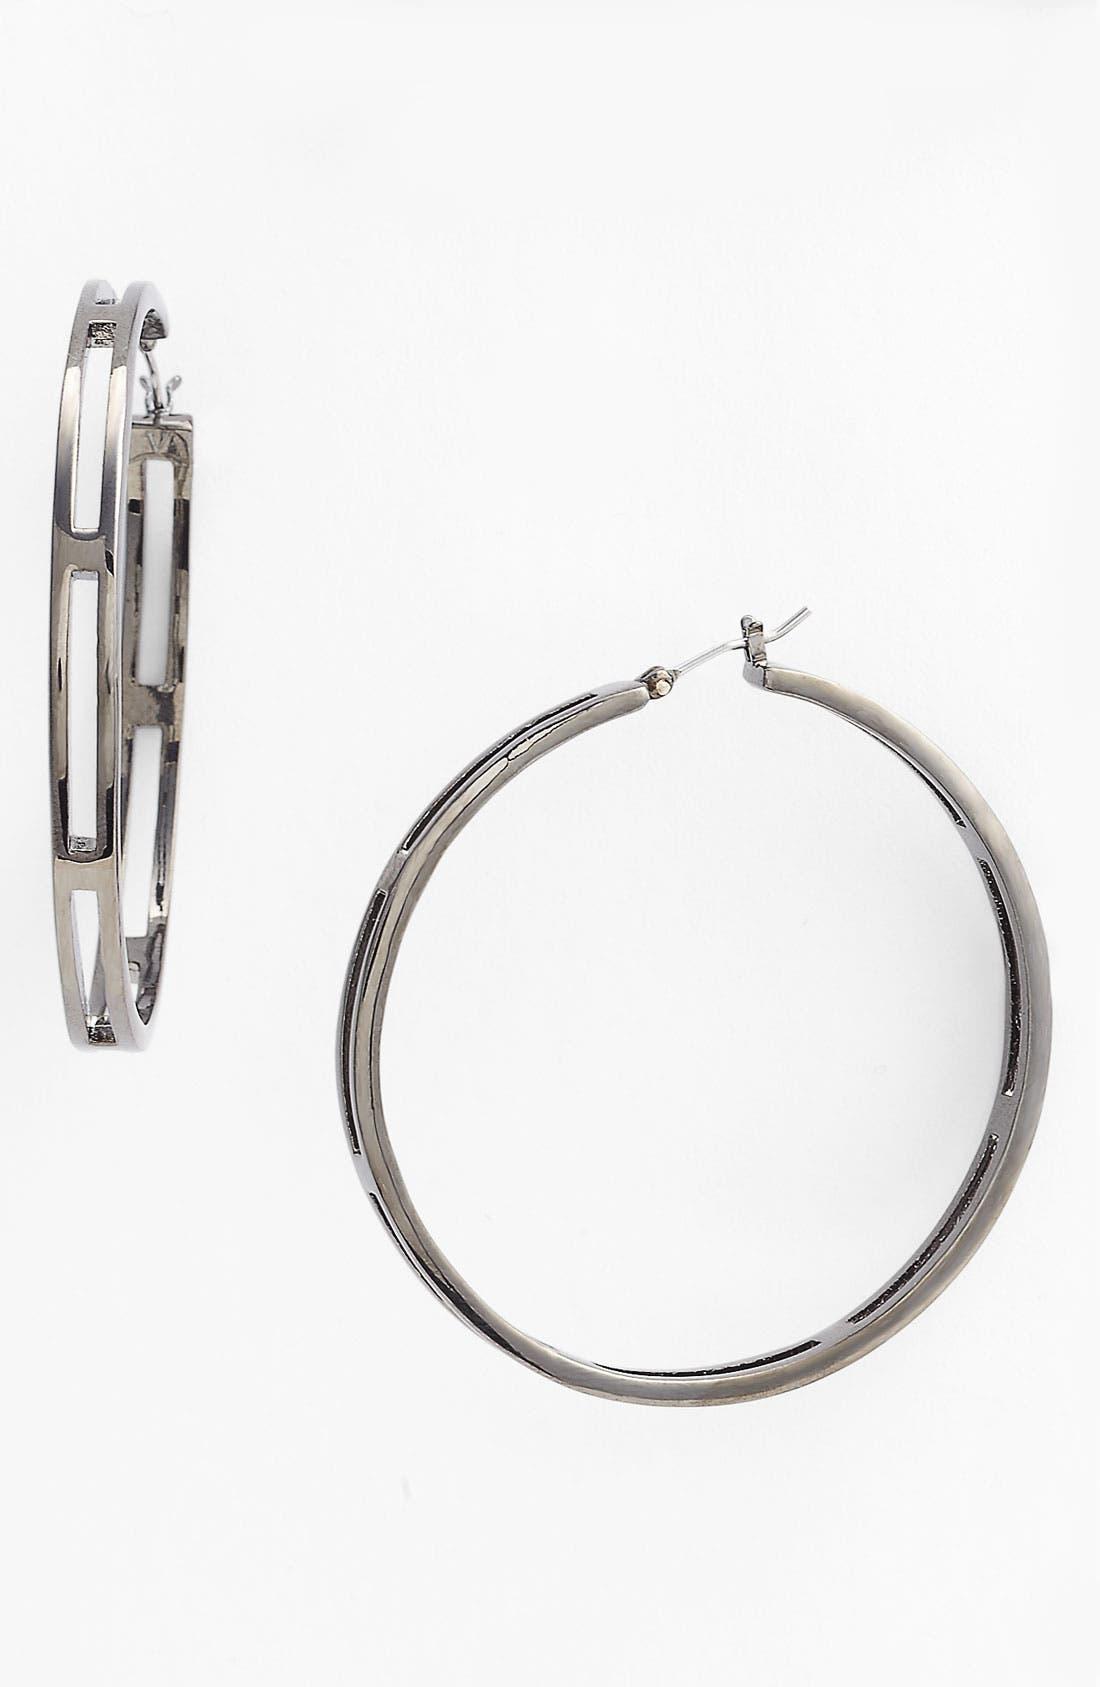 Main Image - Vince Camuto 'Basics' Cutout Hoop Earrings